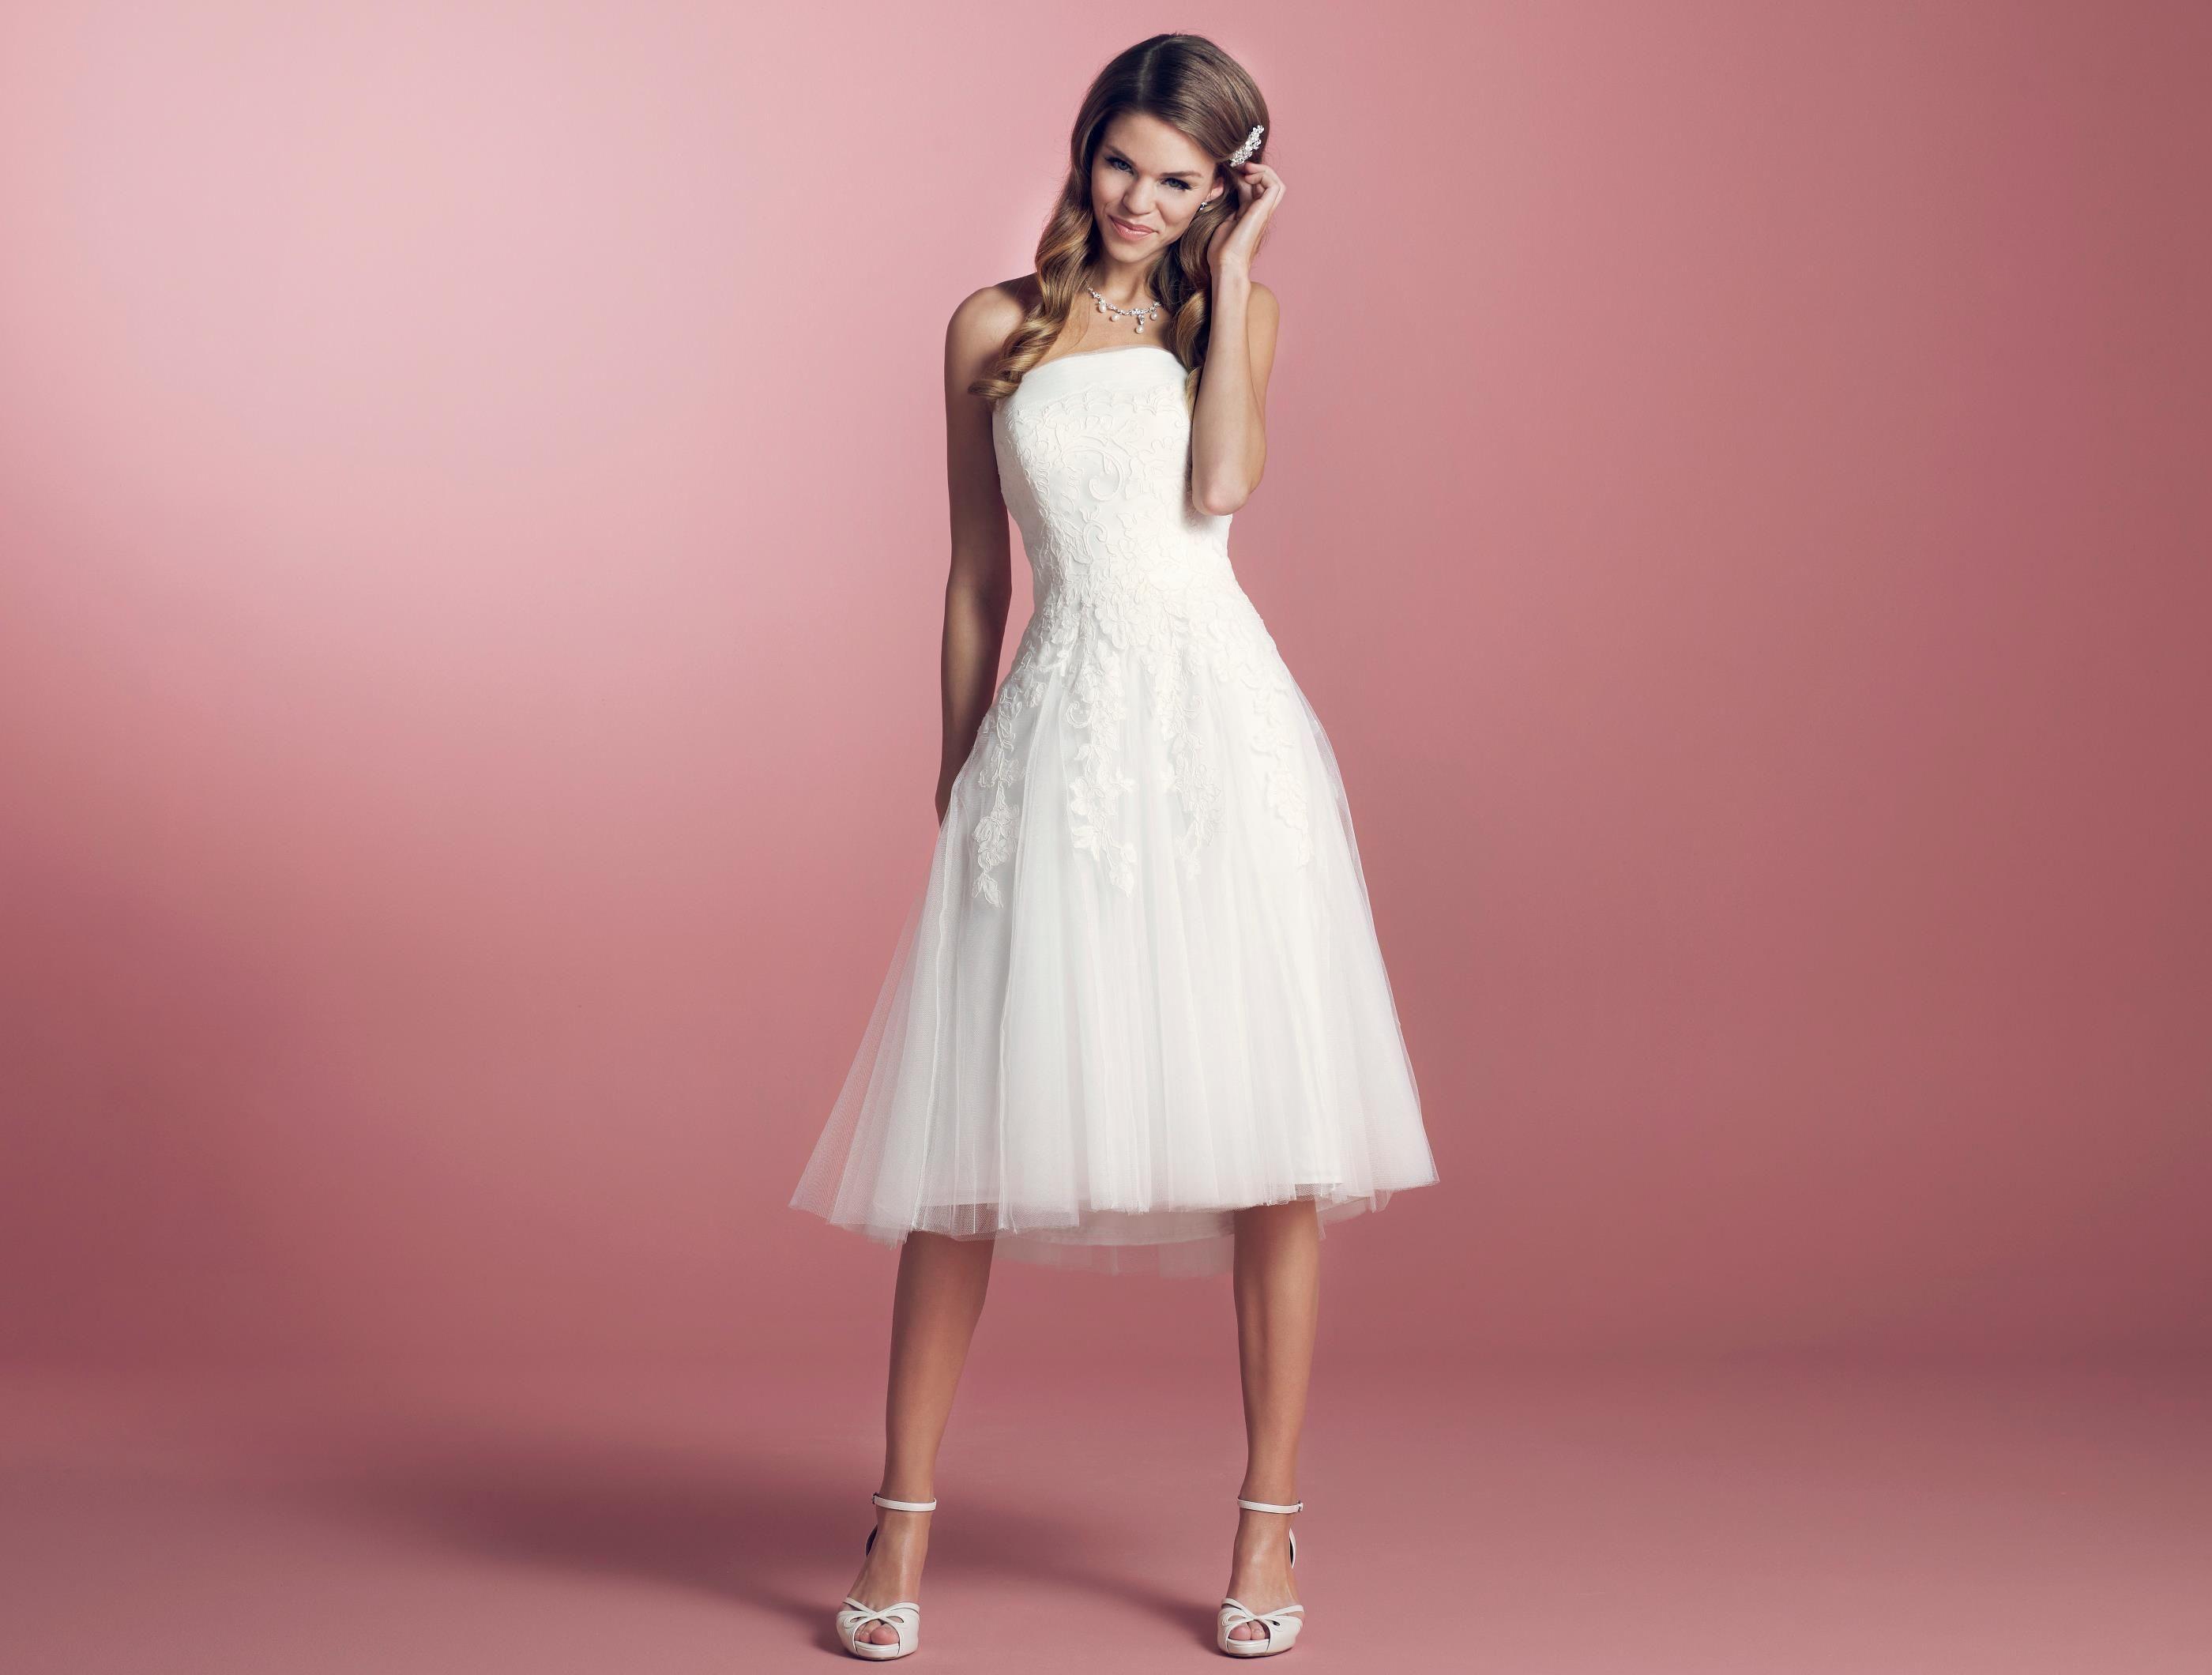 Lilly Cr Erste BrautkleidIch 3244 08 Das By Diamonds Kurze OPw08kn